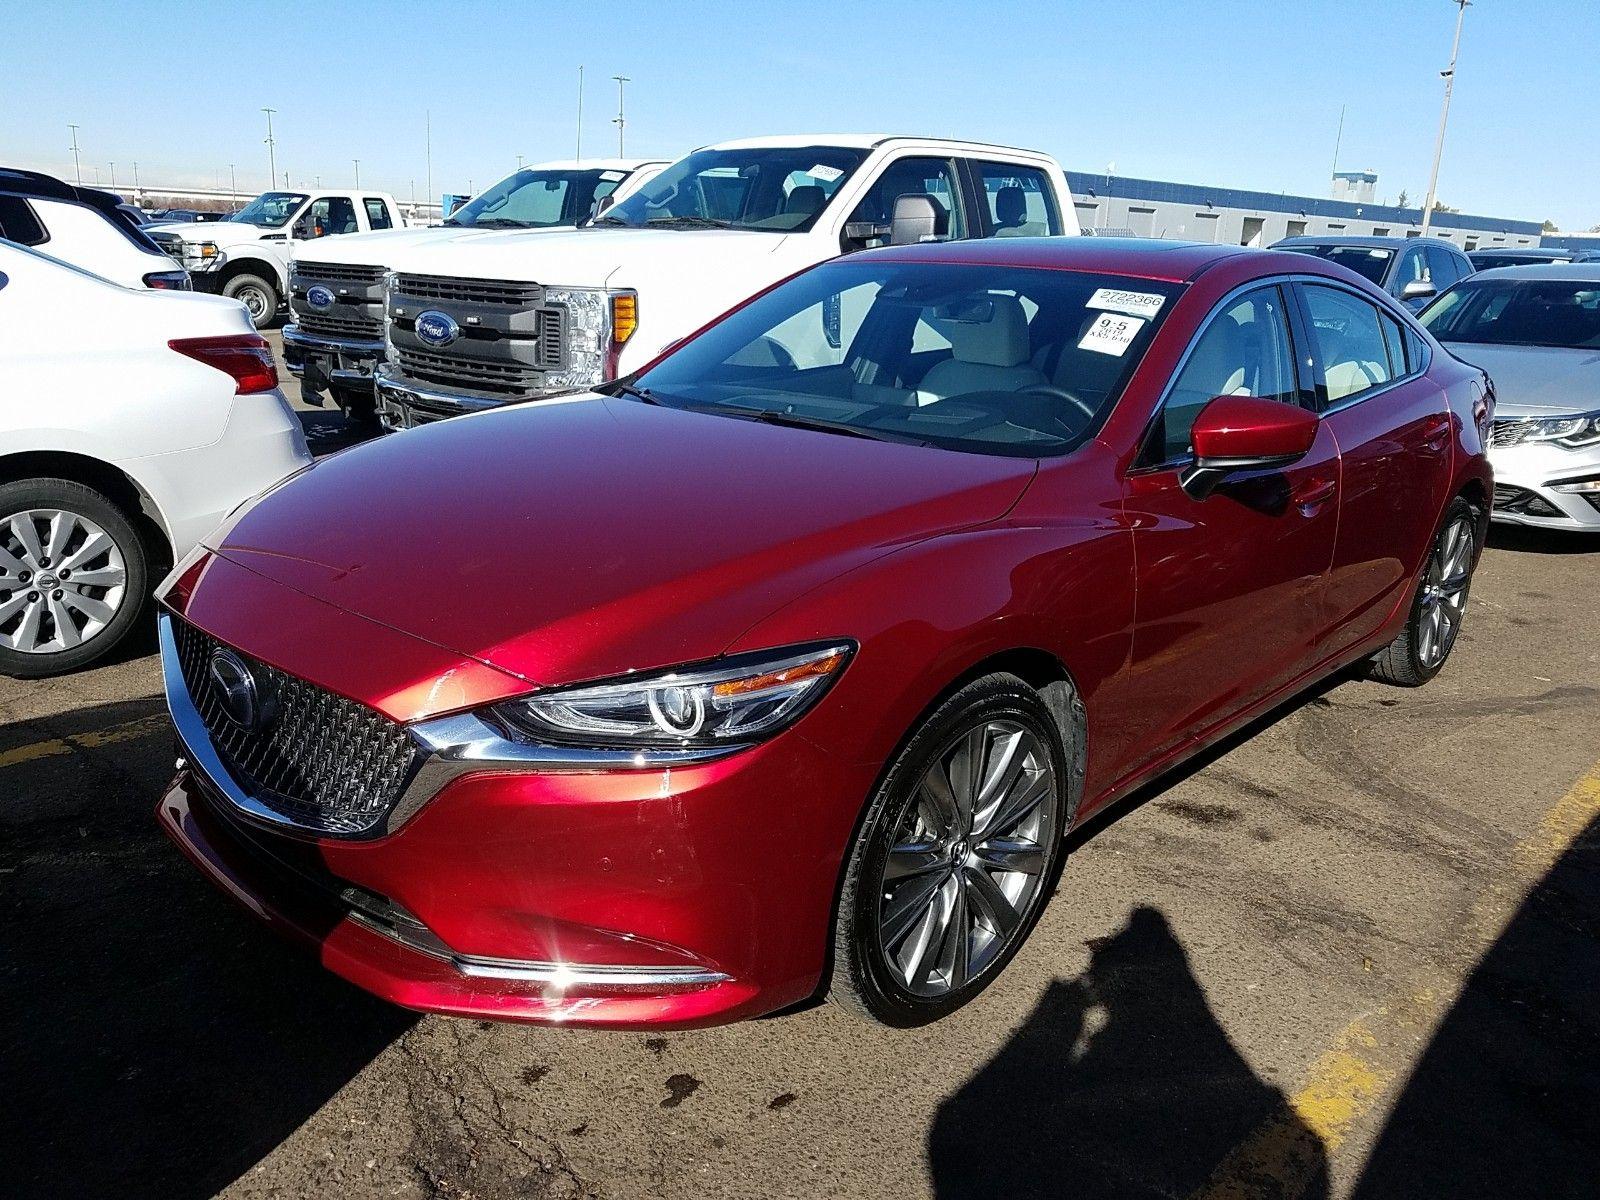 2019 Mazda6 2.5. Lot 99913194670 Vin JM1GL1XY0K1501216